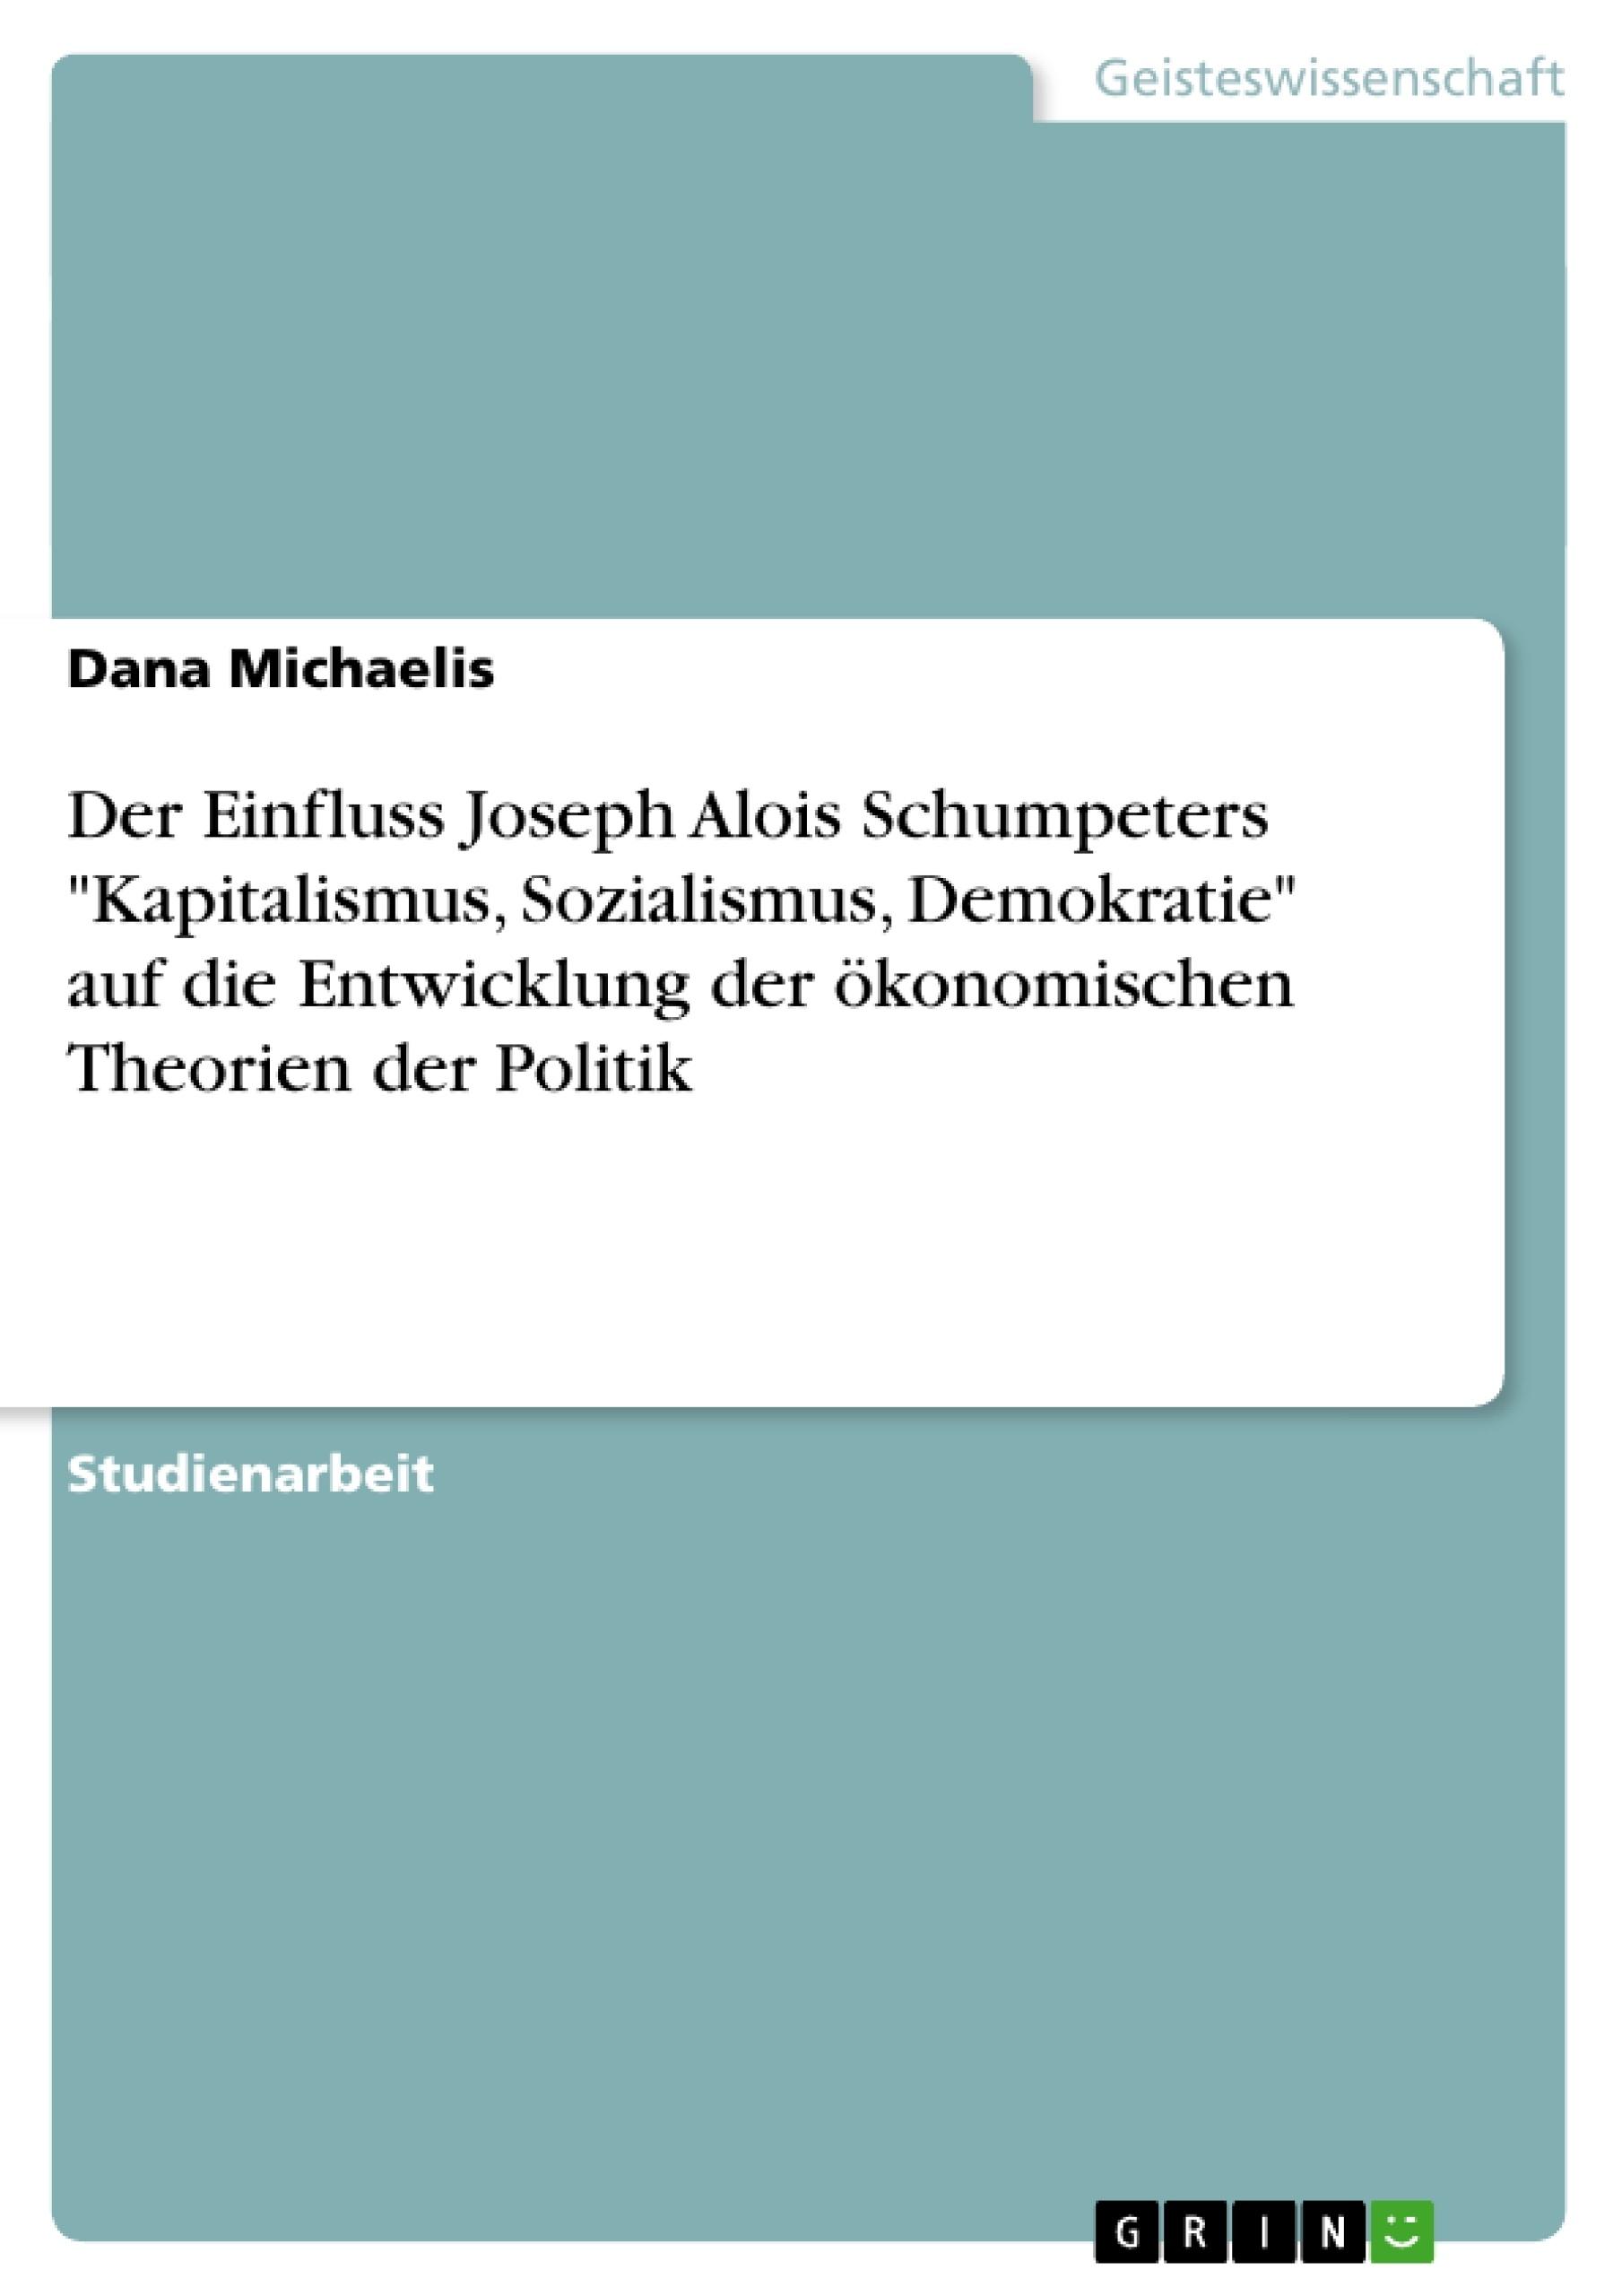 """Titel: Der Einfluss Joseph Alois Schumpeters """"Kapitalismus, Sozialismus, Demokratie"""" auf die Entwicklung der ökonomischen Theorien der Politik"""